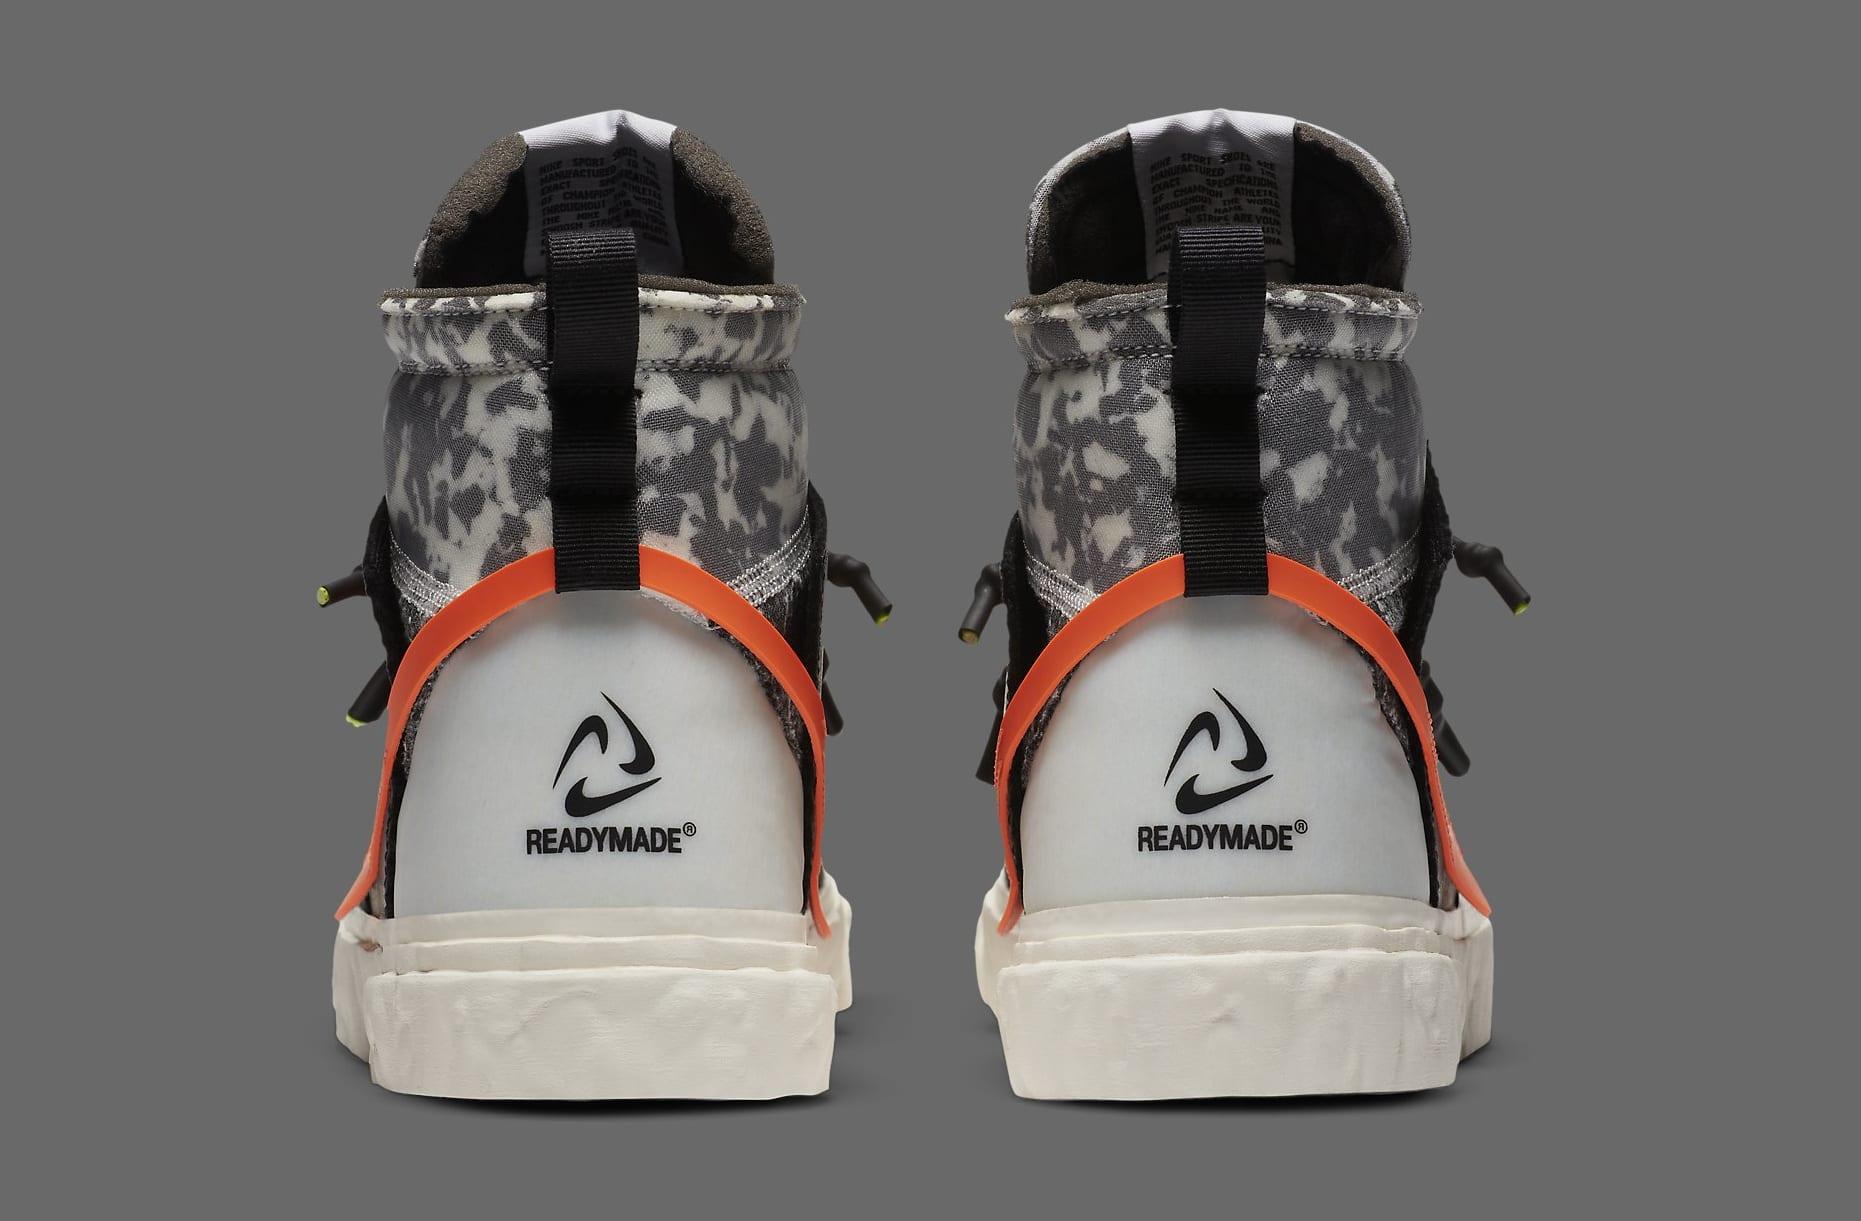 Readymade x Nike Blazer Mid CZ3589-001 Heel